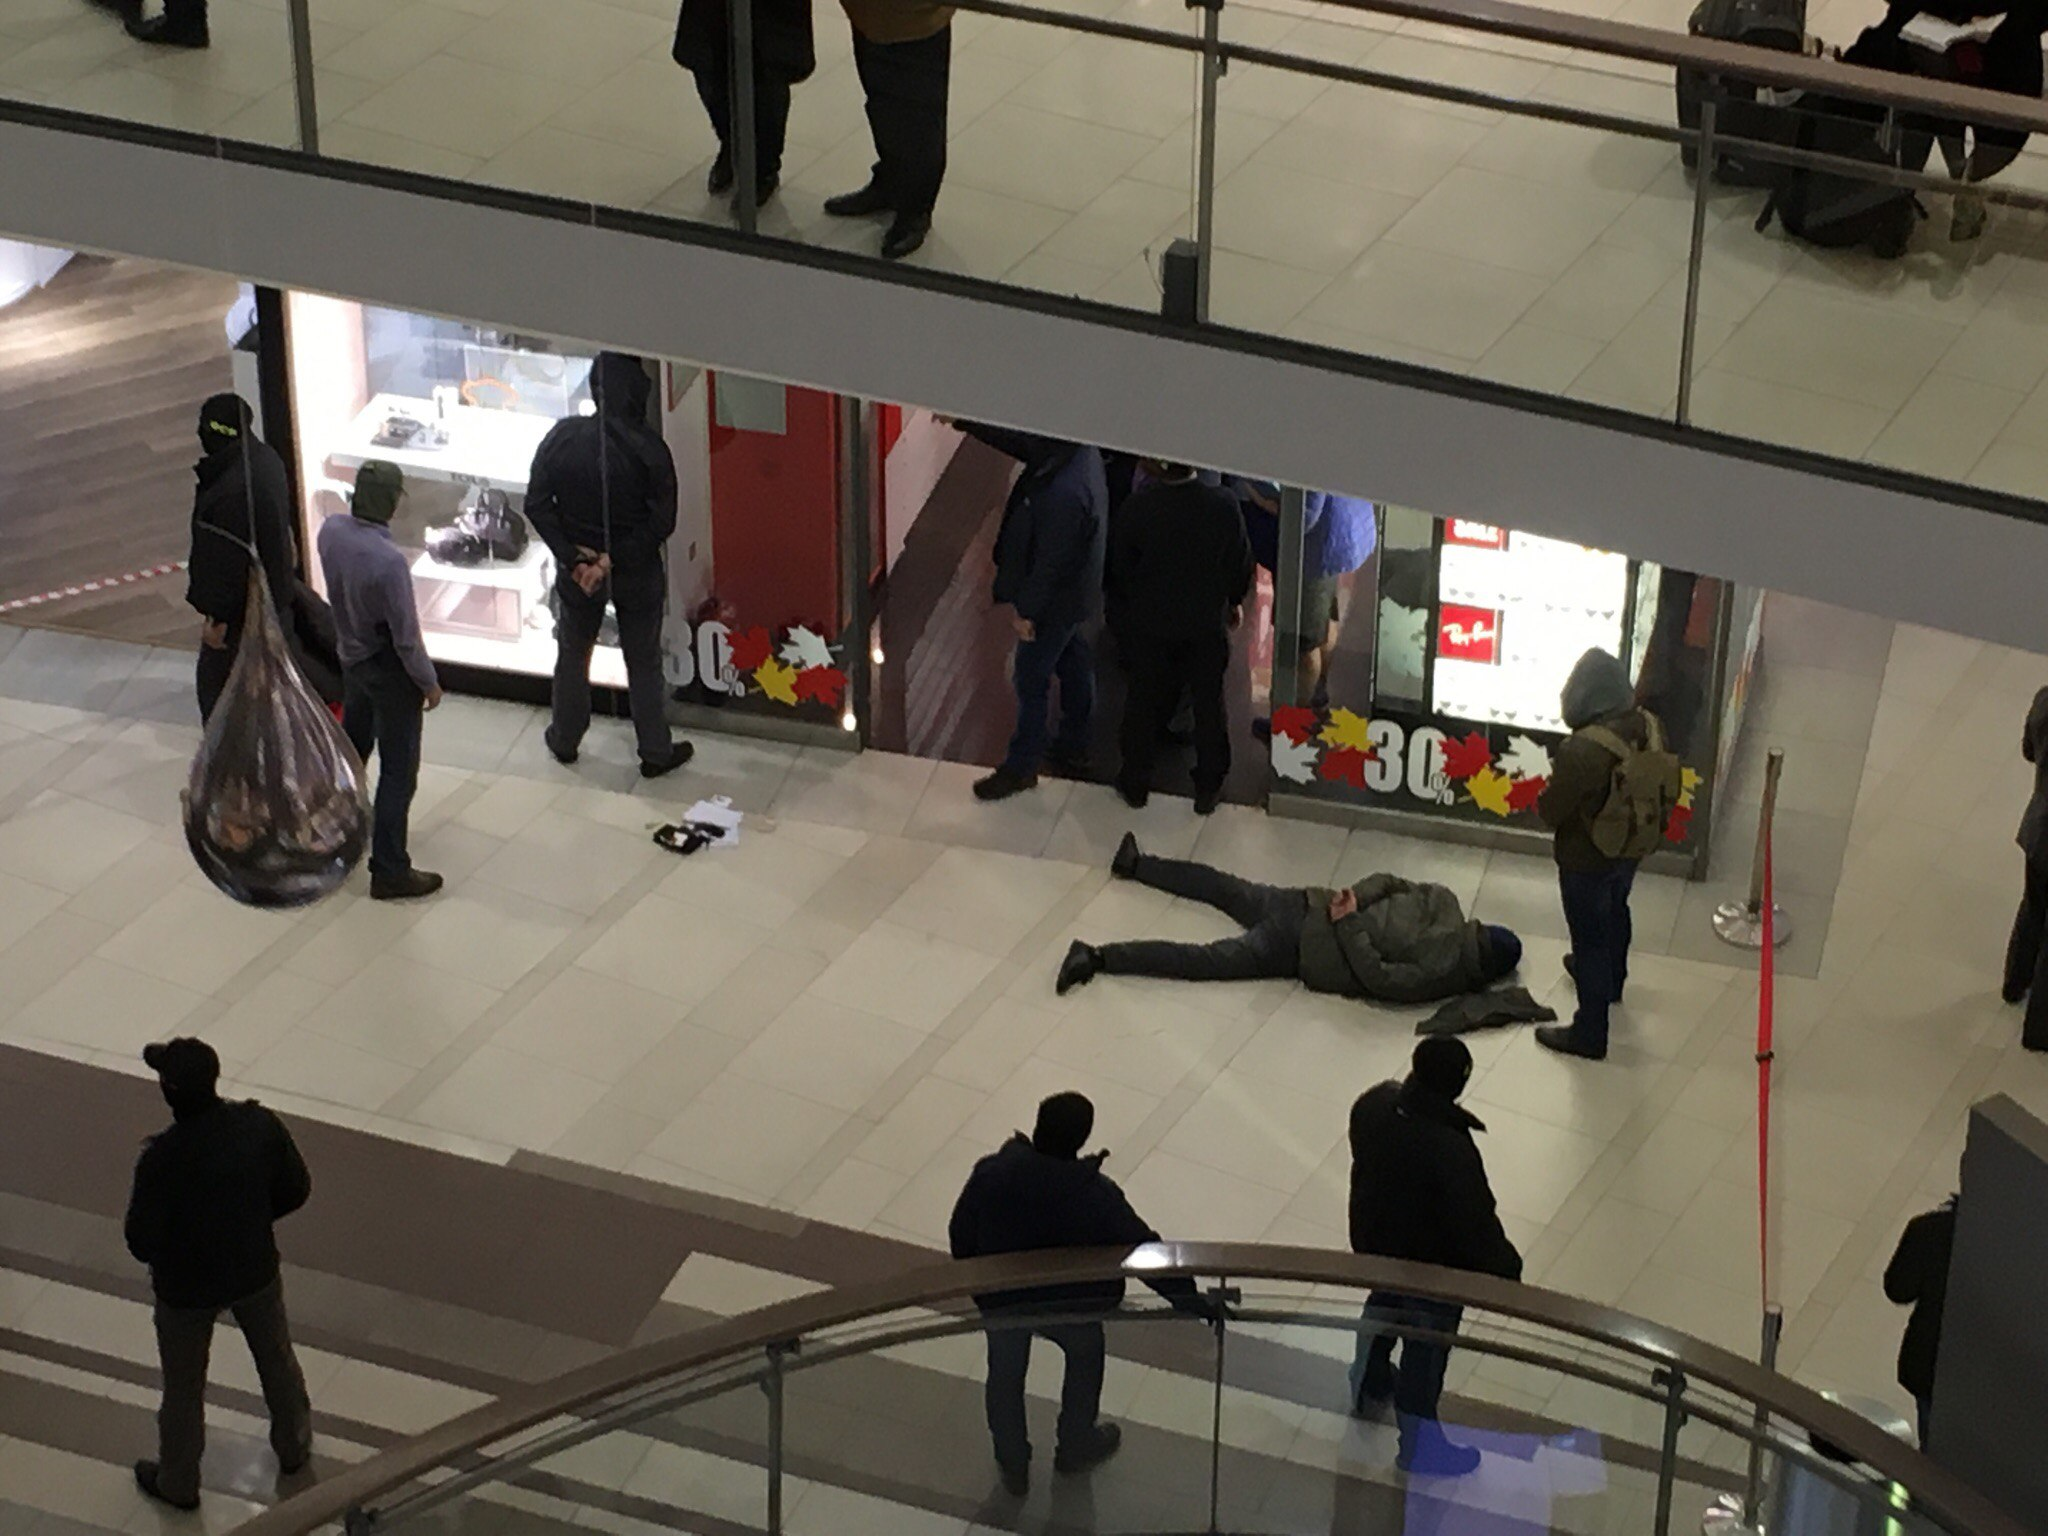 Работники ФСБ проводят специализированную операцию вТЦ «Стокманн» вПетербурге— Очевидец